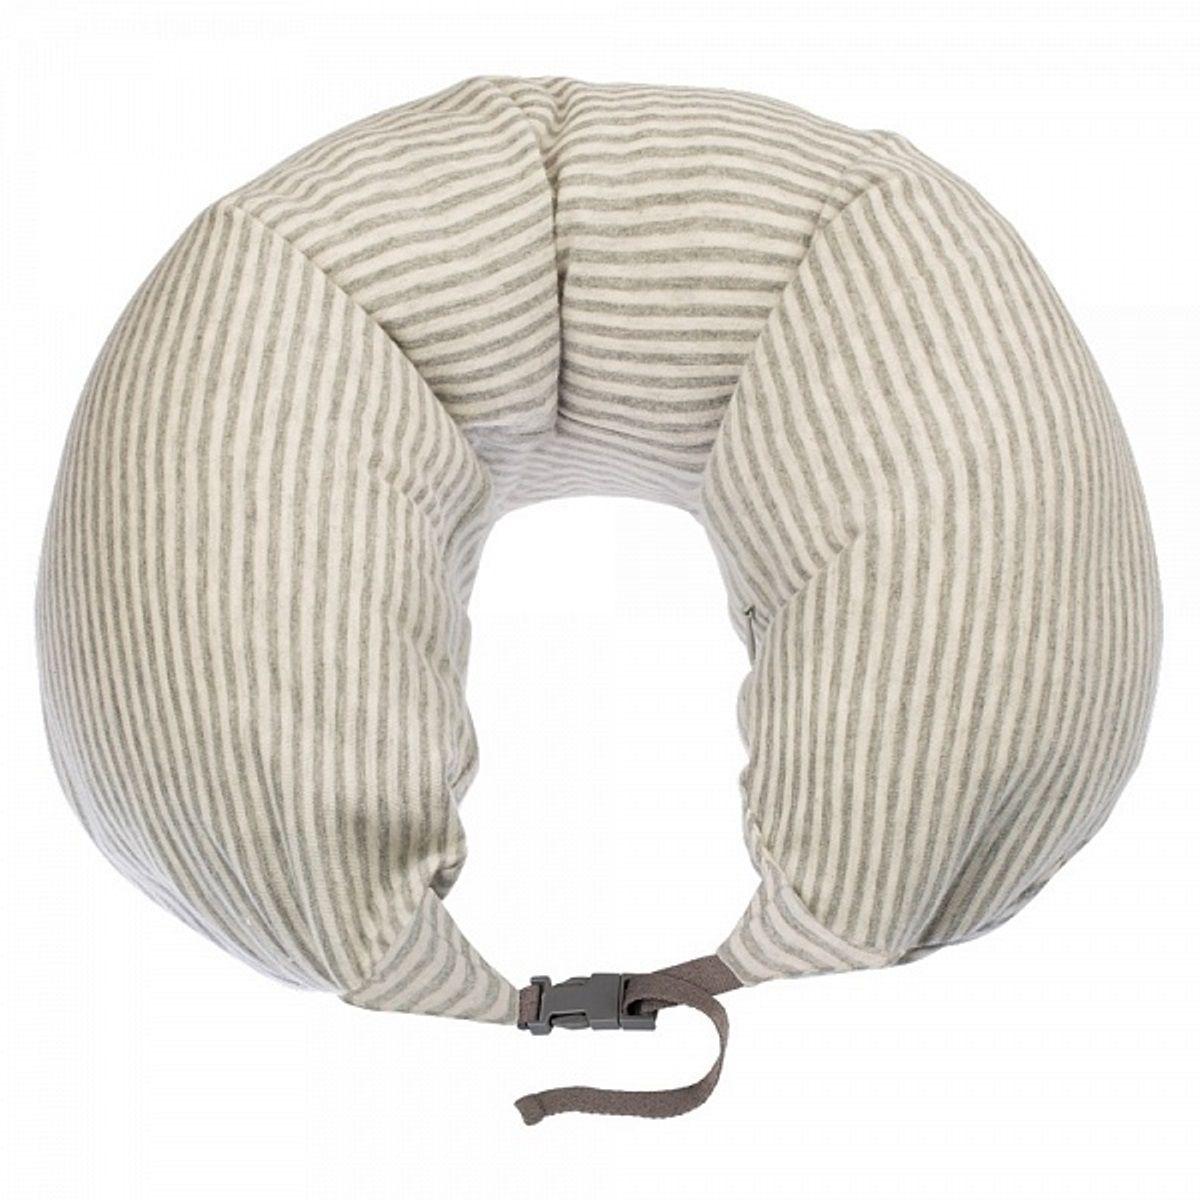 Подушка для шеи Woodsurf  La Siesta. Полоска , массажная, цвет: светло-серый - Подушки